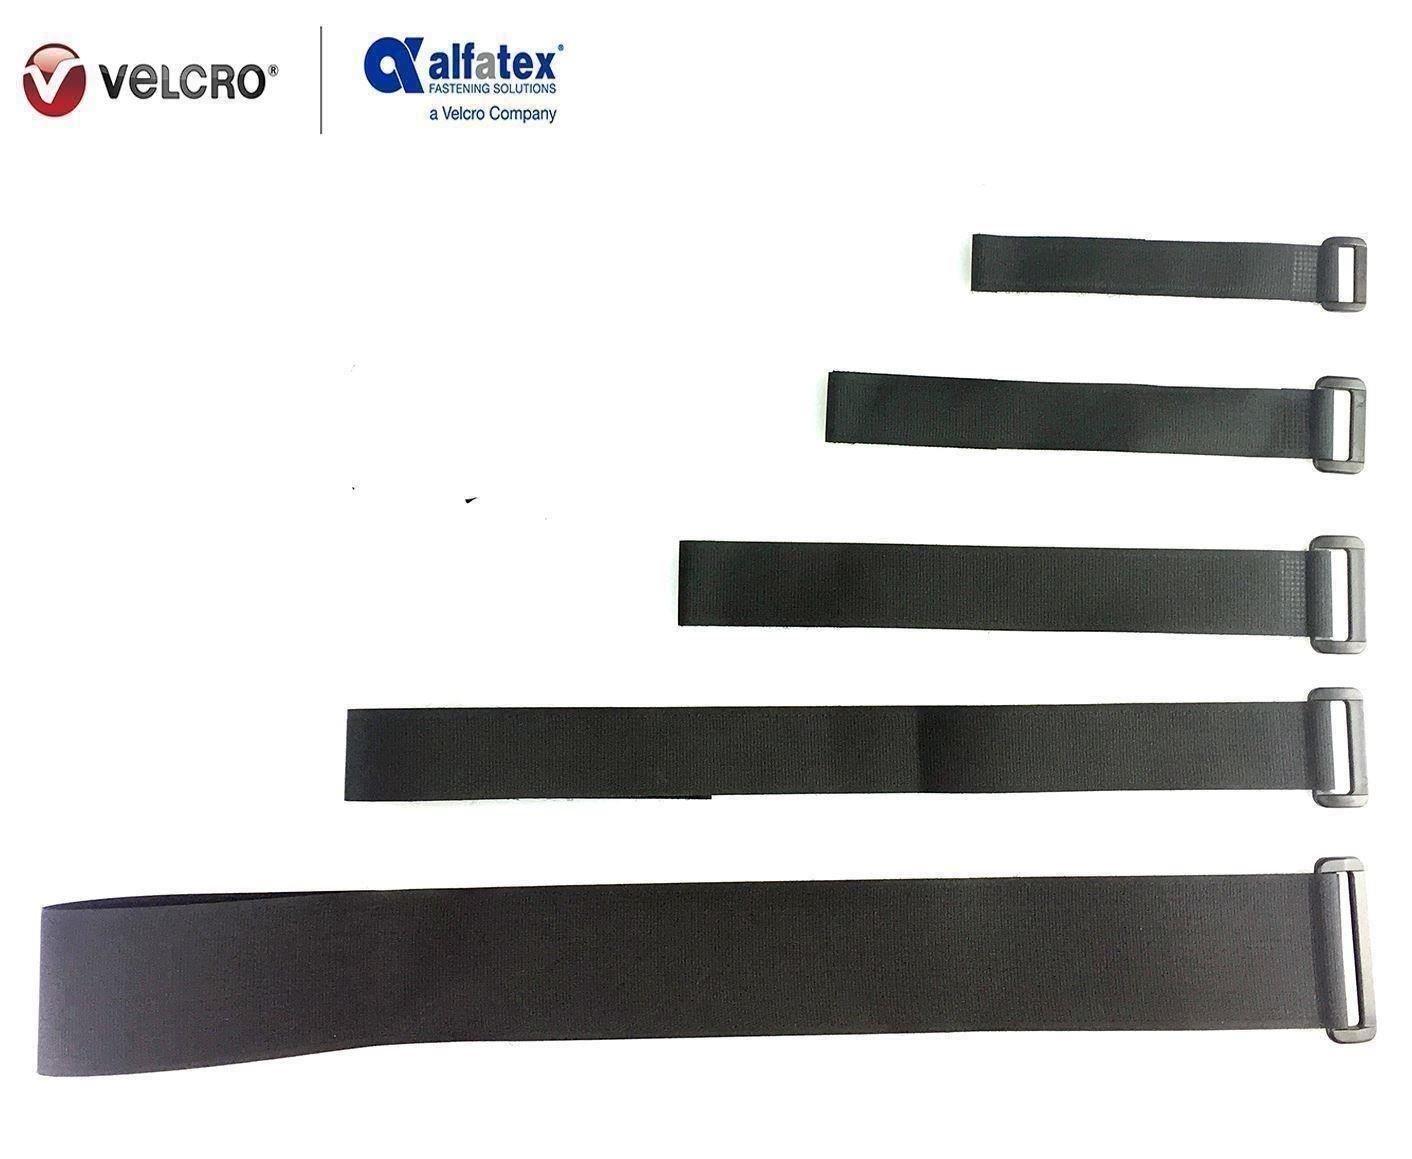 mit Klett-Verschluss und Schnalle schwarz- 2cmx20cm 2 St/ück VELCRO/® Brand wiederverwendbare Klett-Kabelbinder wiederverschlie/ßbar universell einsetzbar